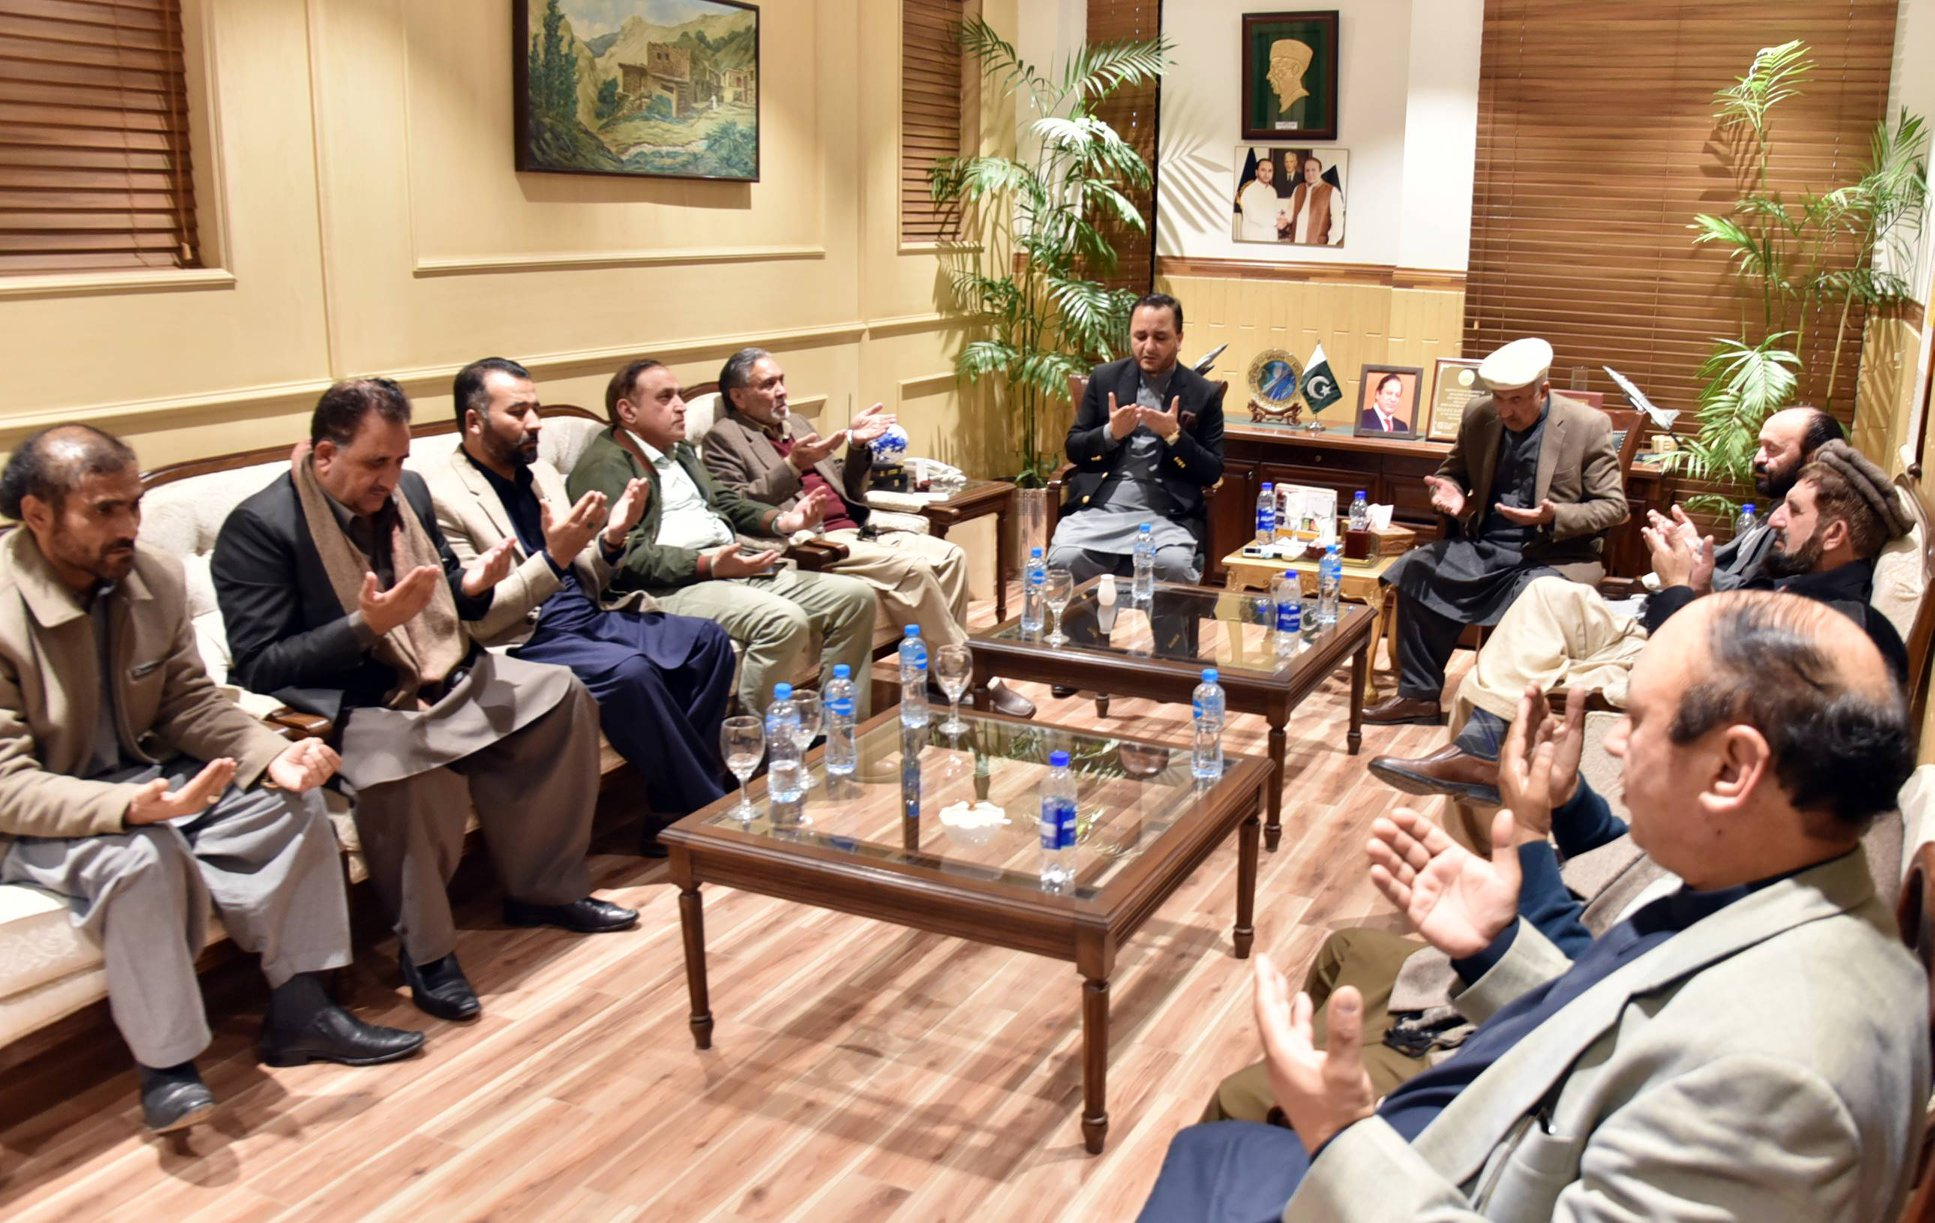 گلگت بلتستان کی آئینی بے چینی کا حل سرتاج عزیز کمیٹی کی سفارشات ہیں، پارلیمانی کمیٹی